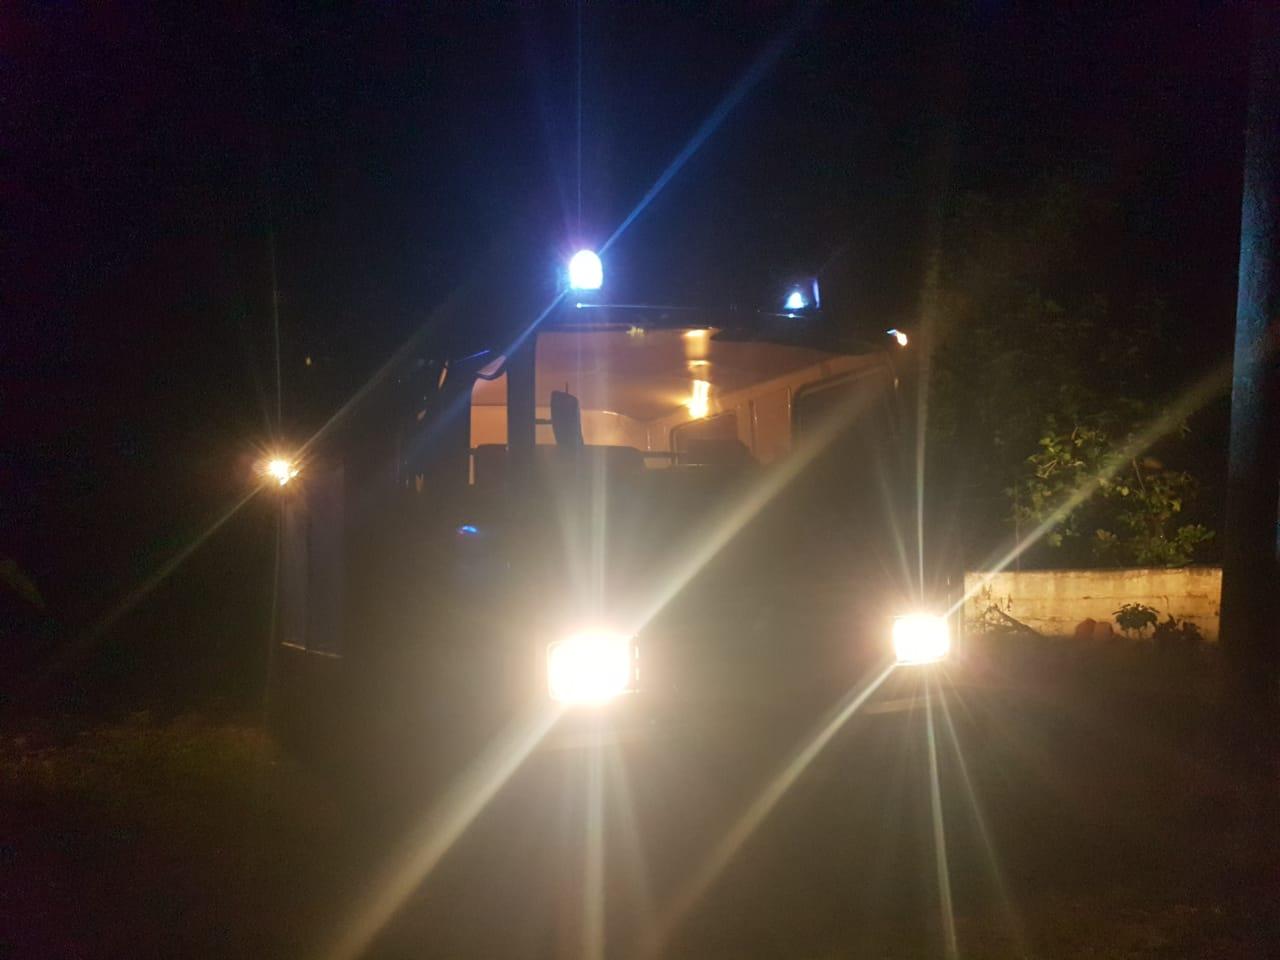 Përfshihet nga flakët gjatë natës një banesë